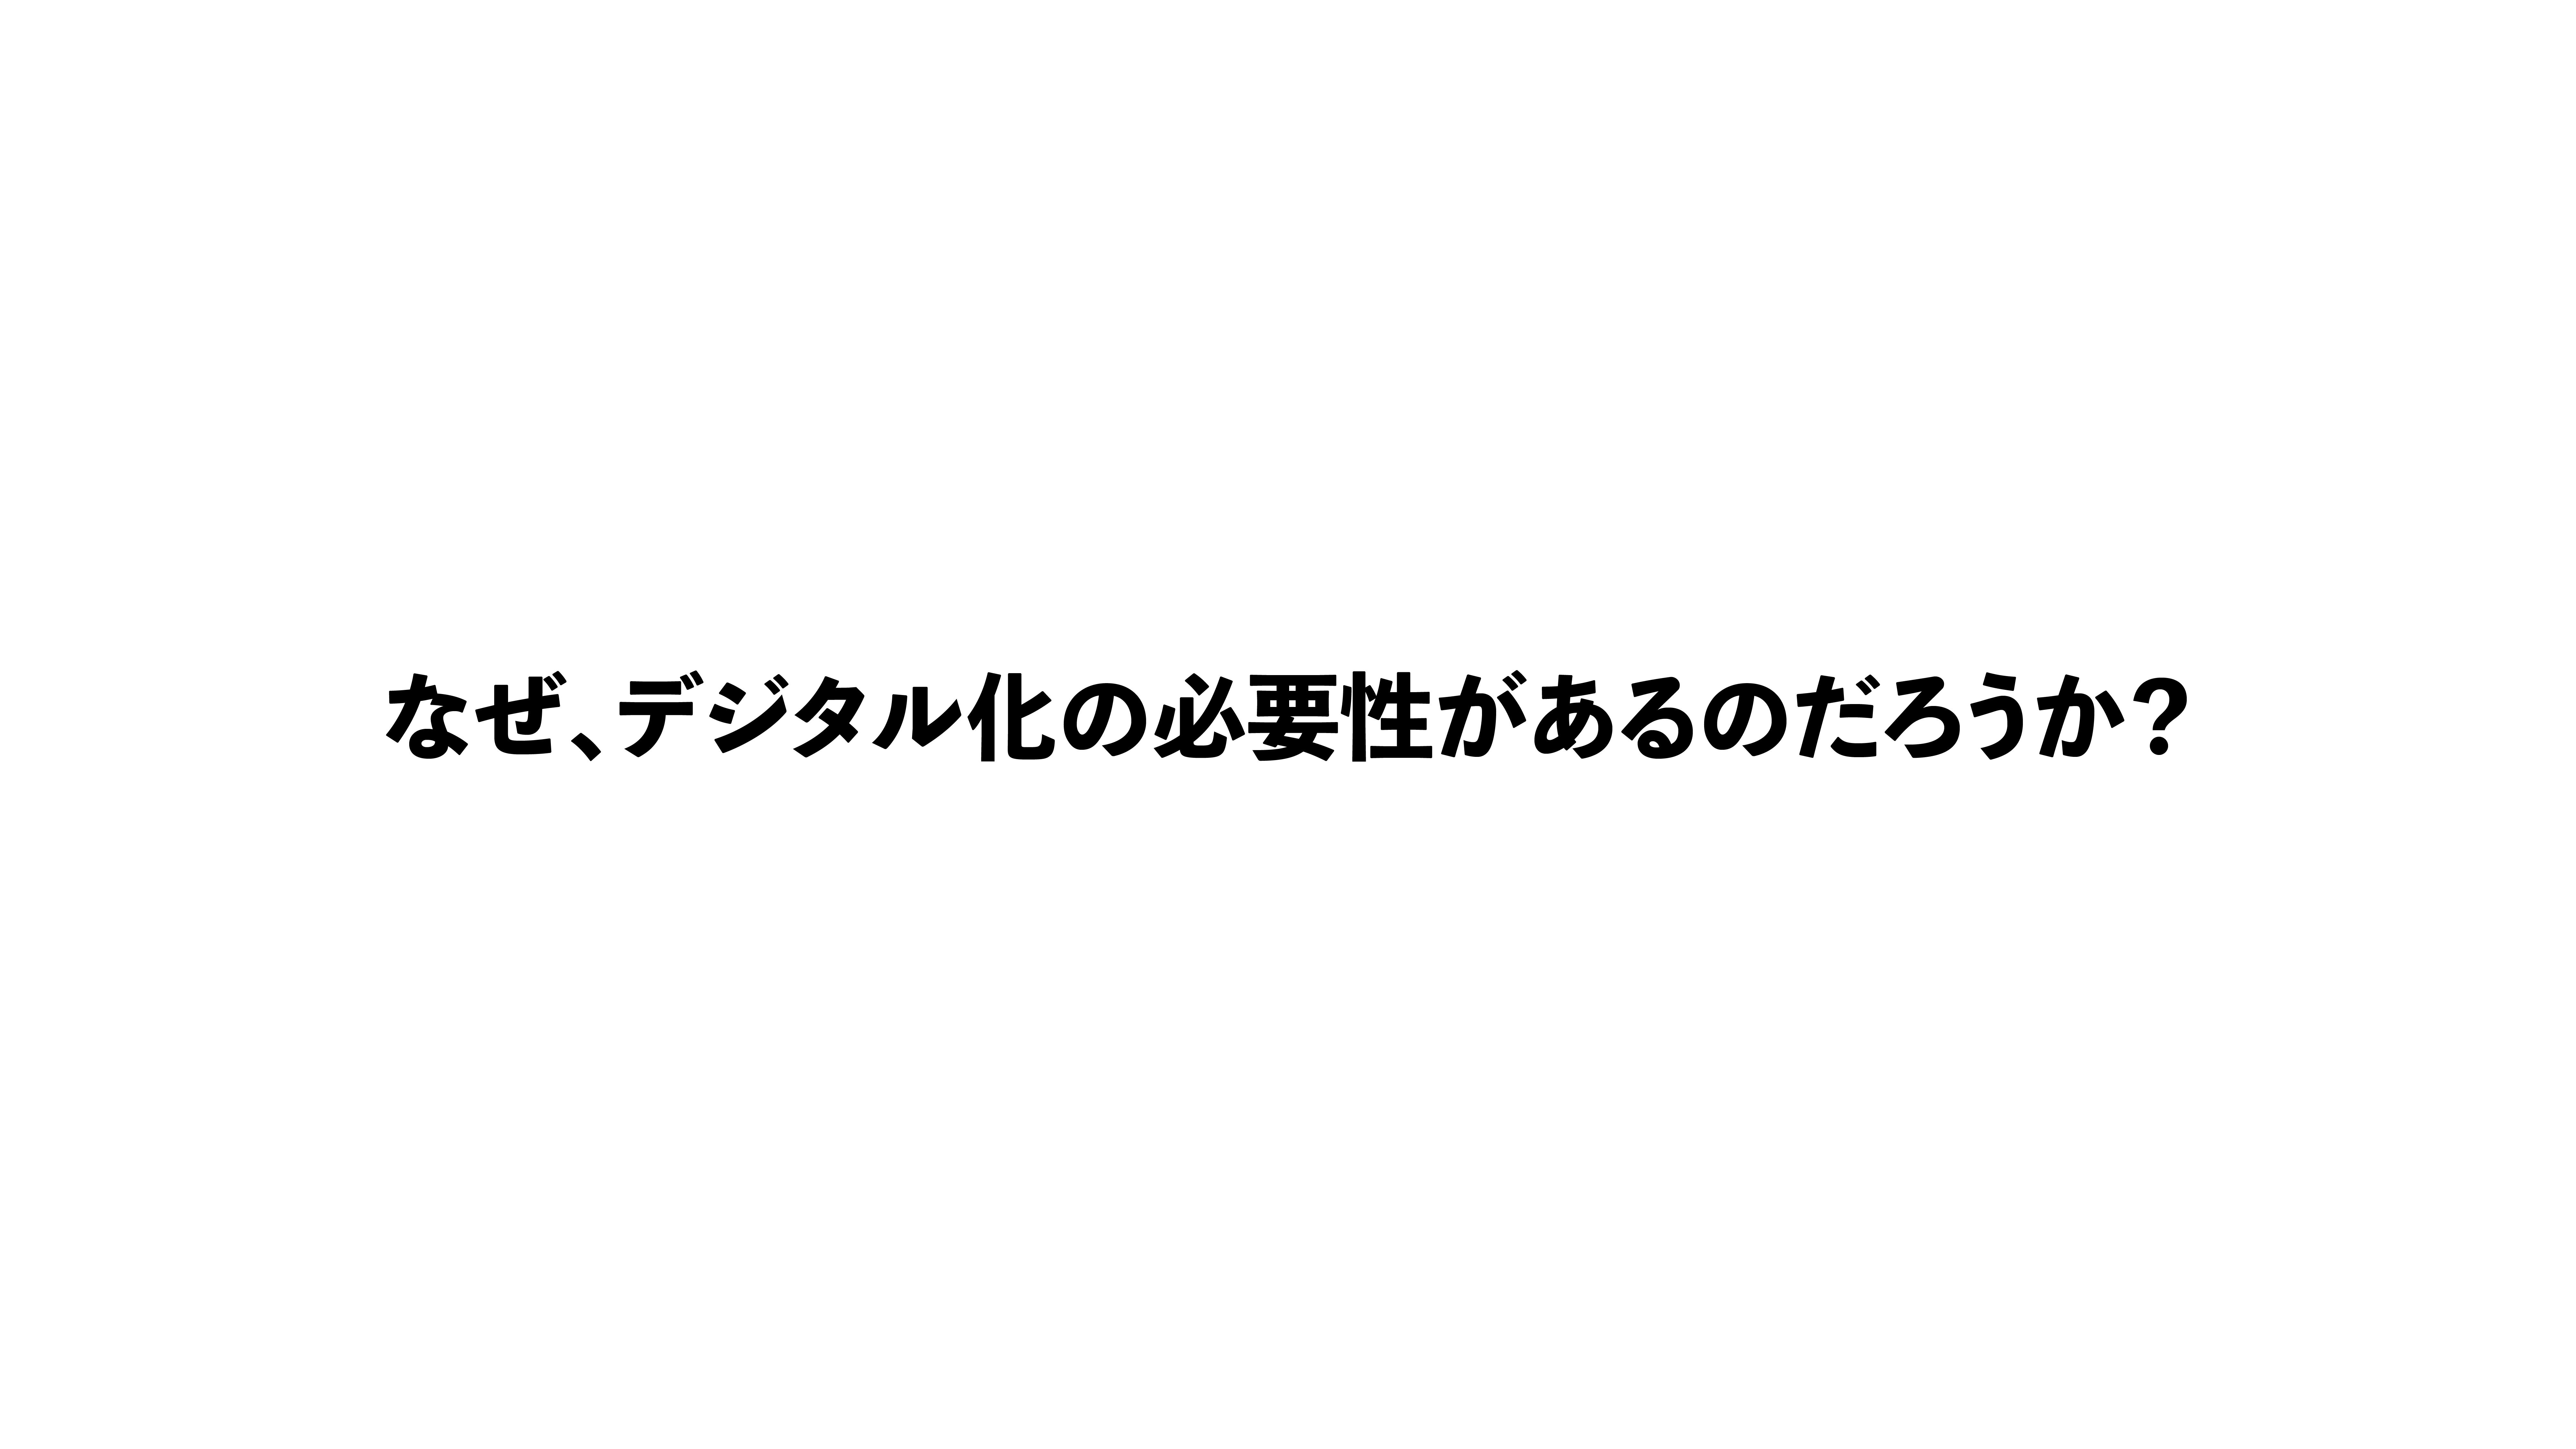 01_アニメーター解放宣言_01